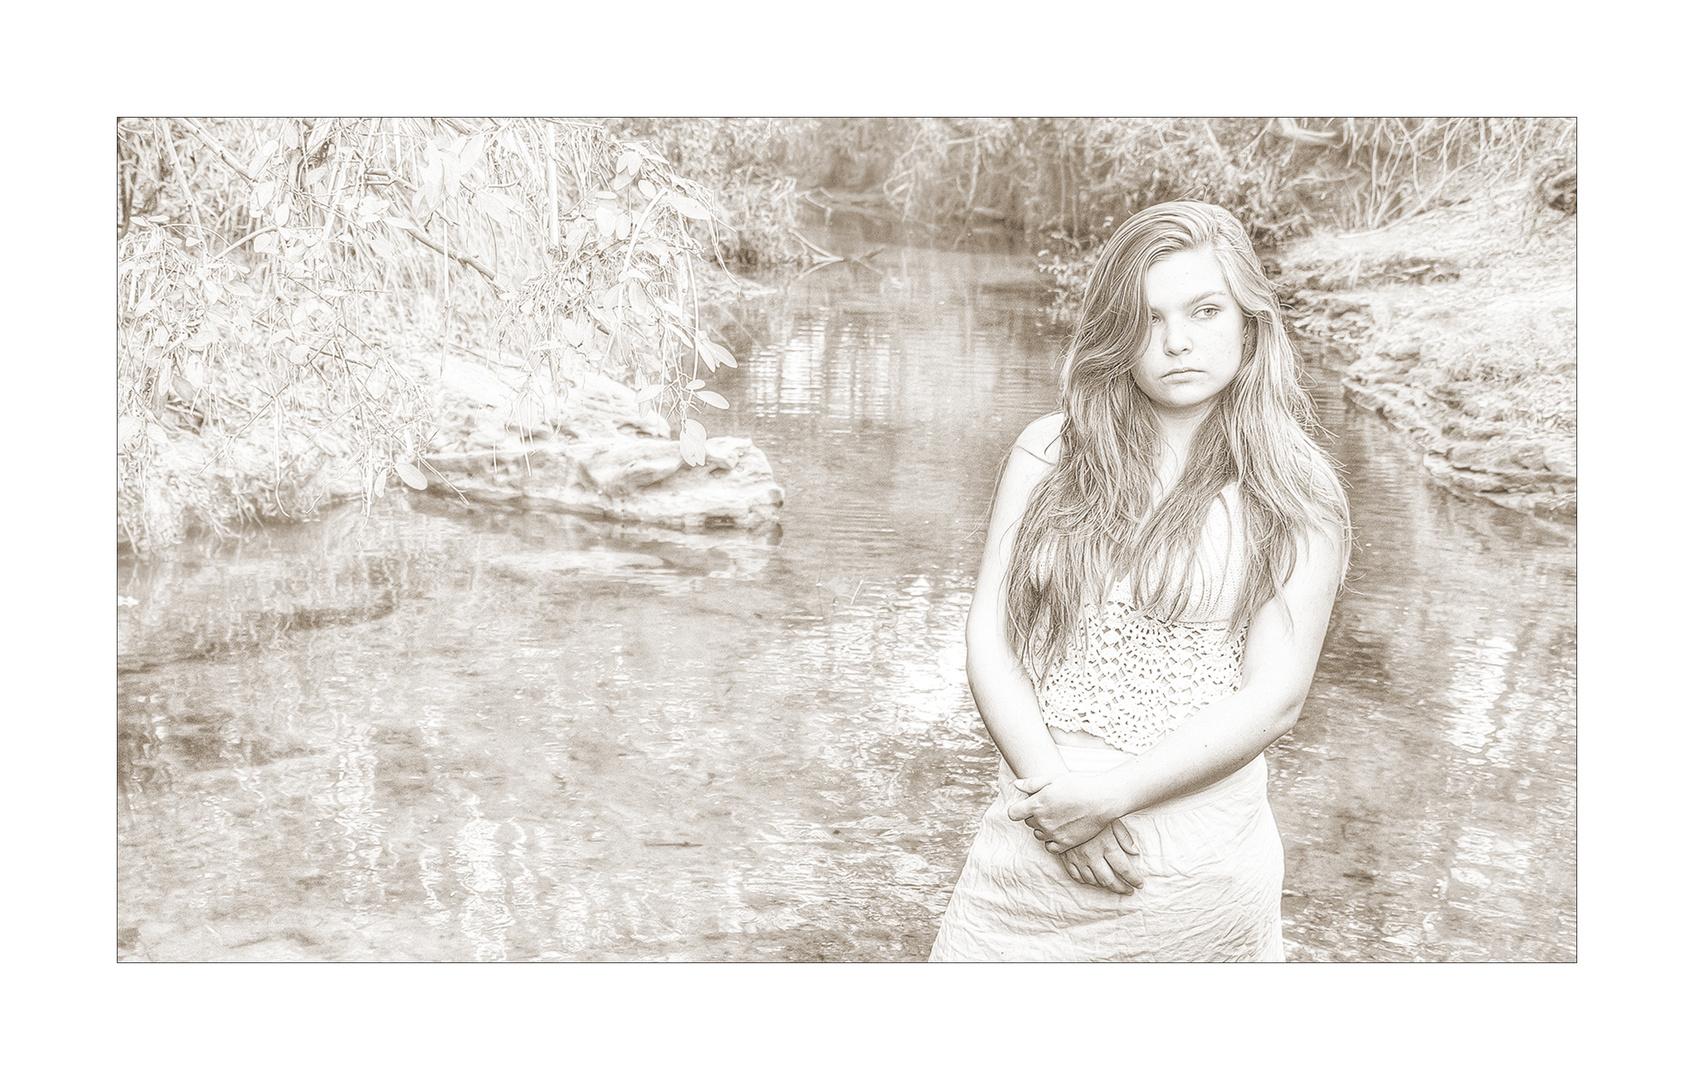 LUNA EVA I proyecto de nuestra amiga Graciela Baglione